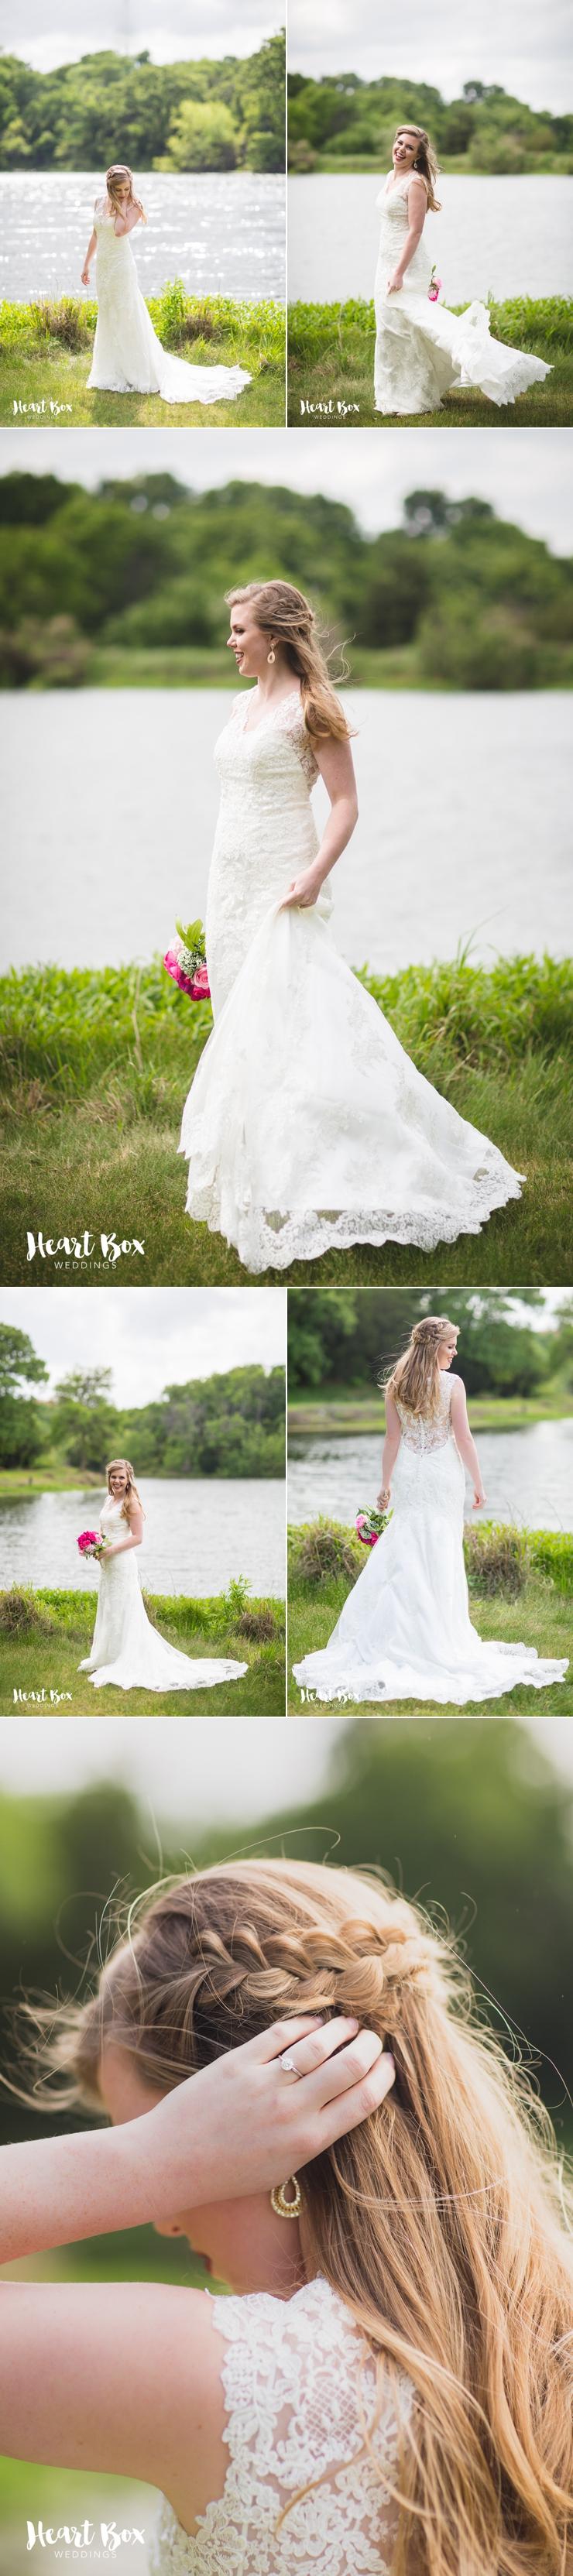 Sterling Bridal Blog Collages 1.jpg